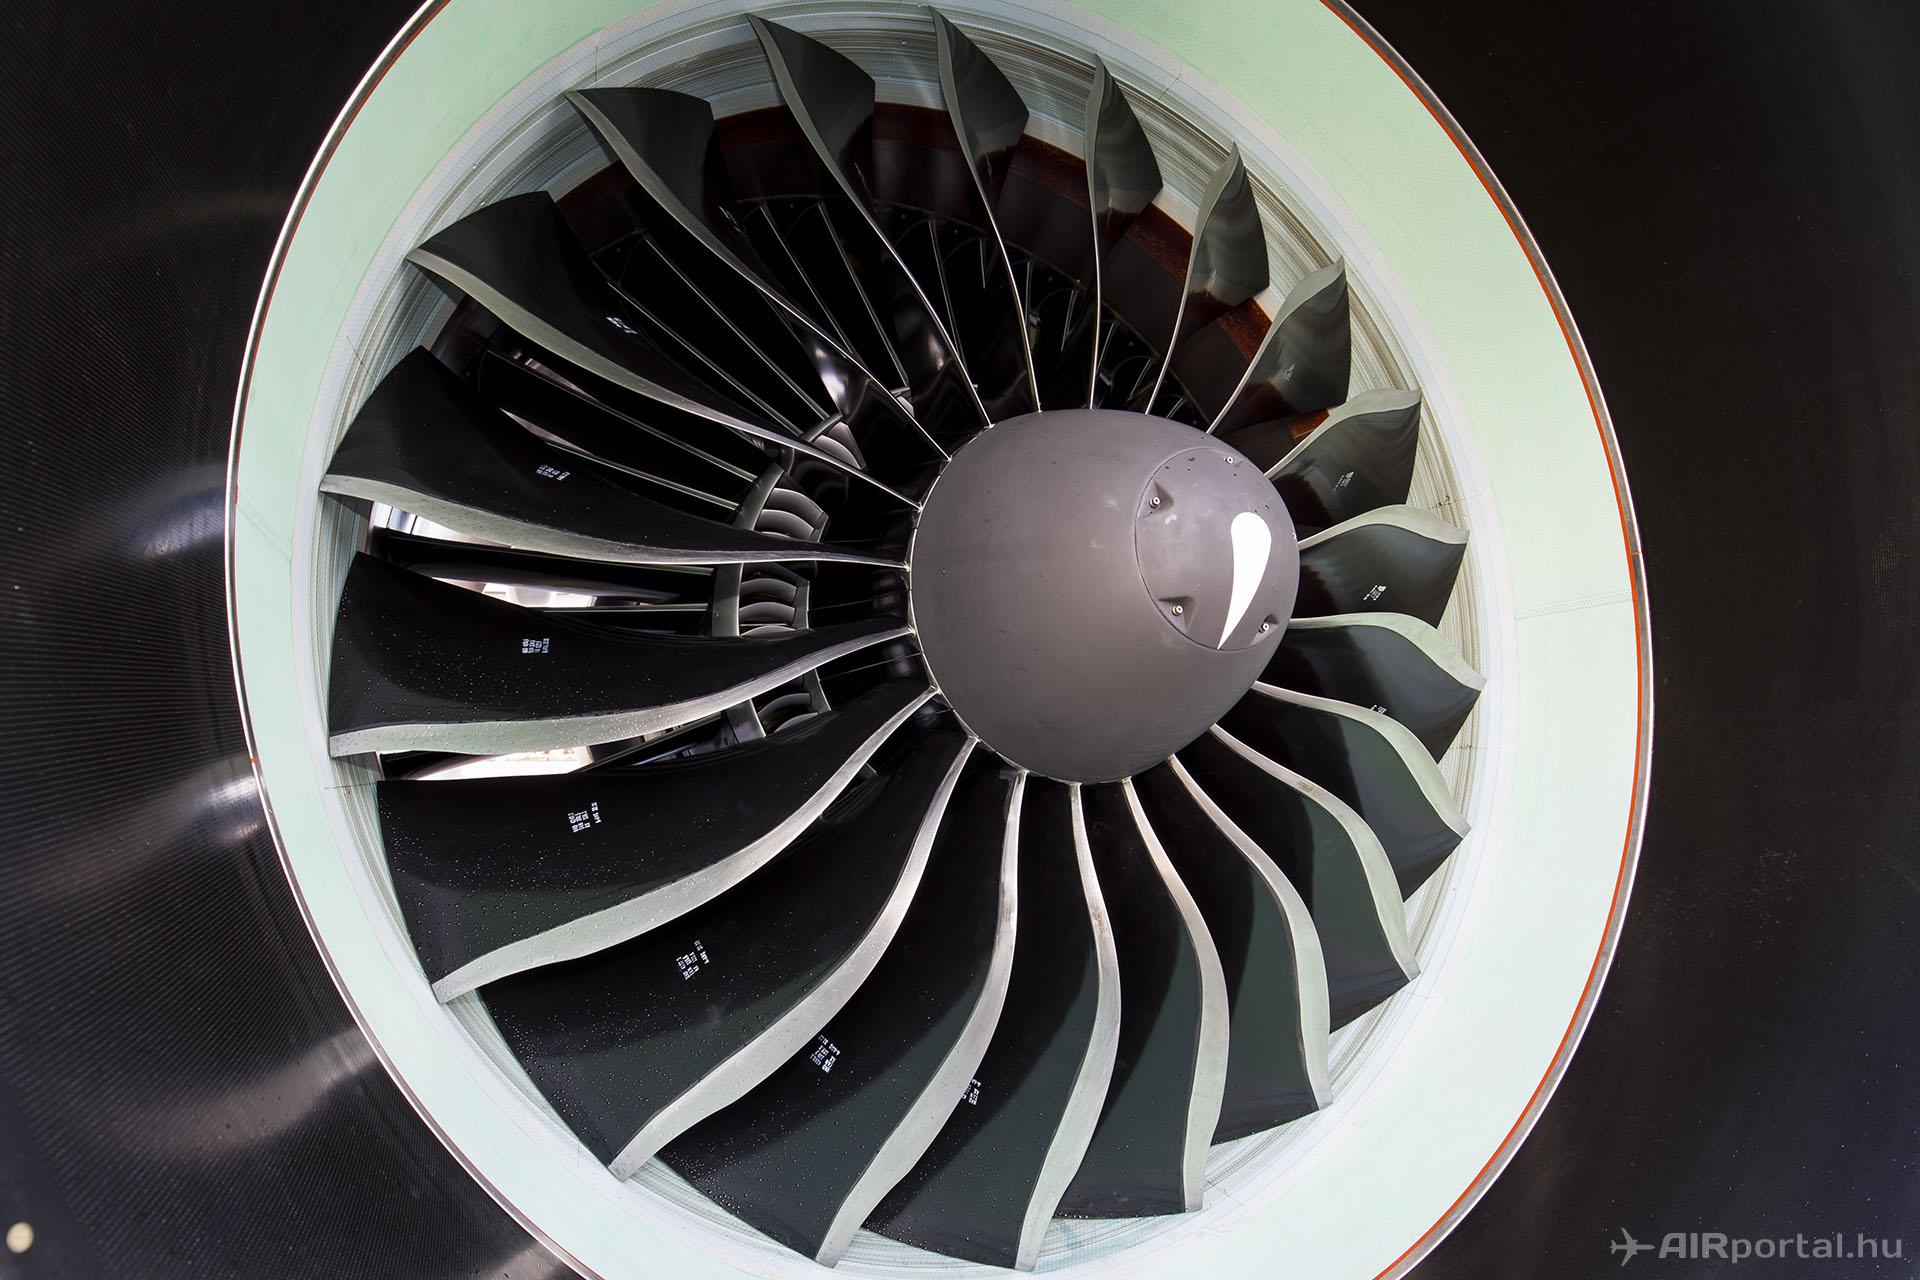 Szép vonalú, de beteg: a PW-szerkezetek gondja számos légitársaságok érint (Fotó:AIRportal.hu) | © AIRportal.hu